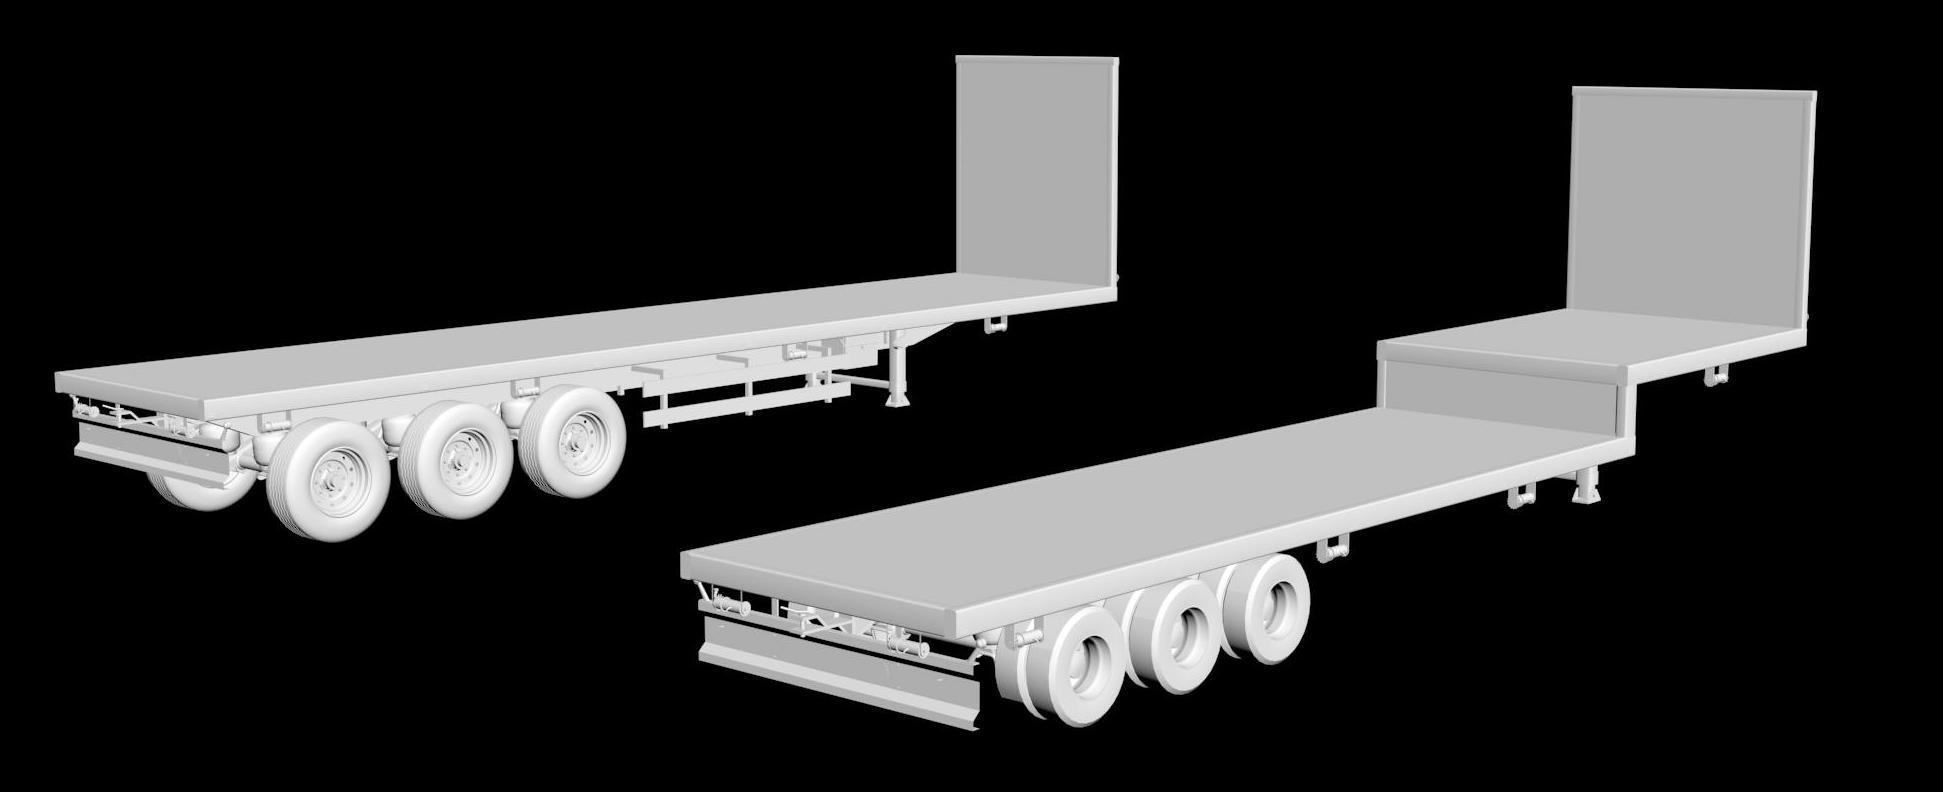 [Encuesta][T.E.P.] Proyecto Aguas Tenias (22 modelos + 1 Camión) [Terminado 21-4-2014]. - Página 4 433okse